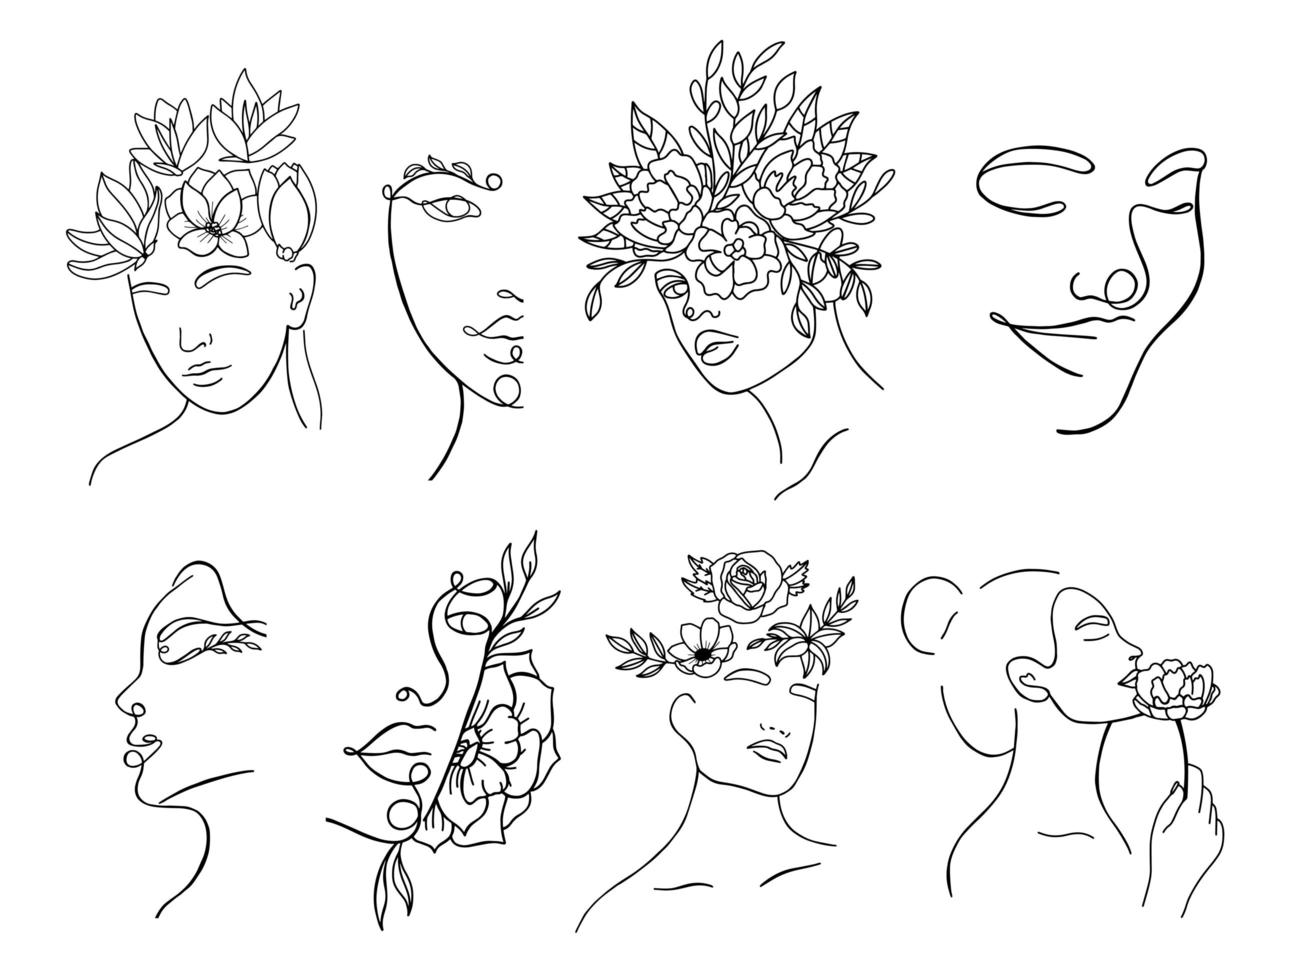 silhouette linéaire continue de visages féminins vecteur